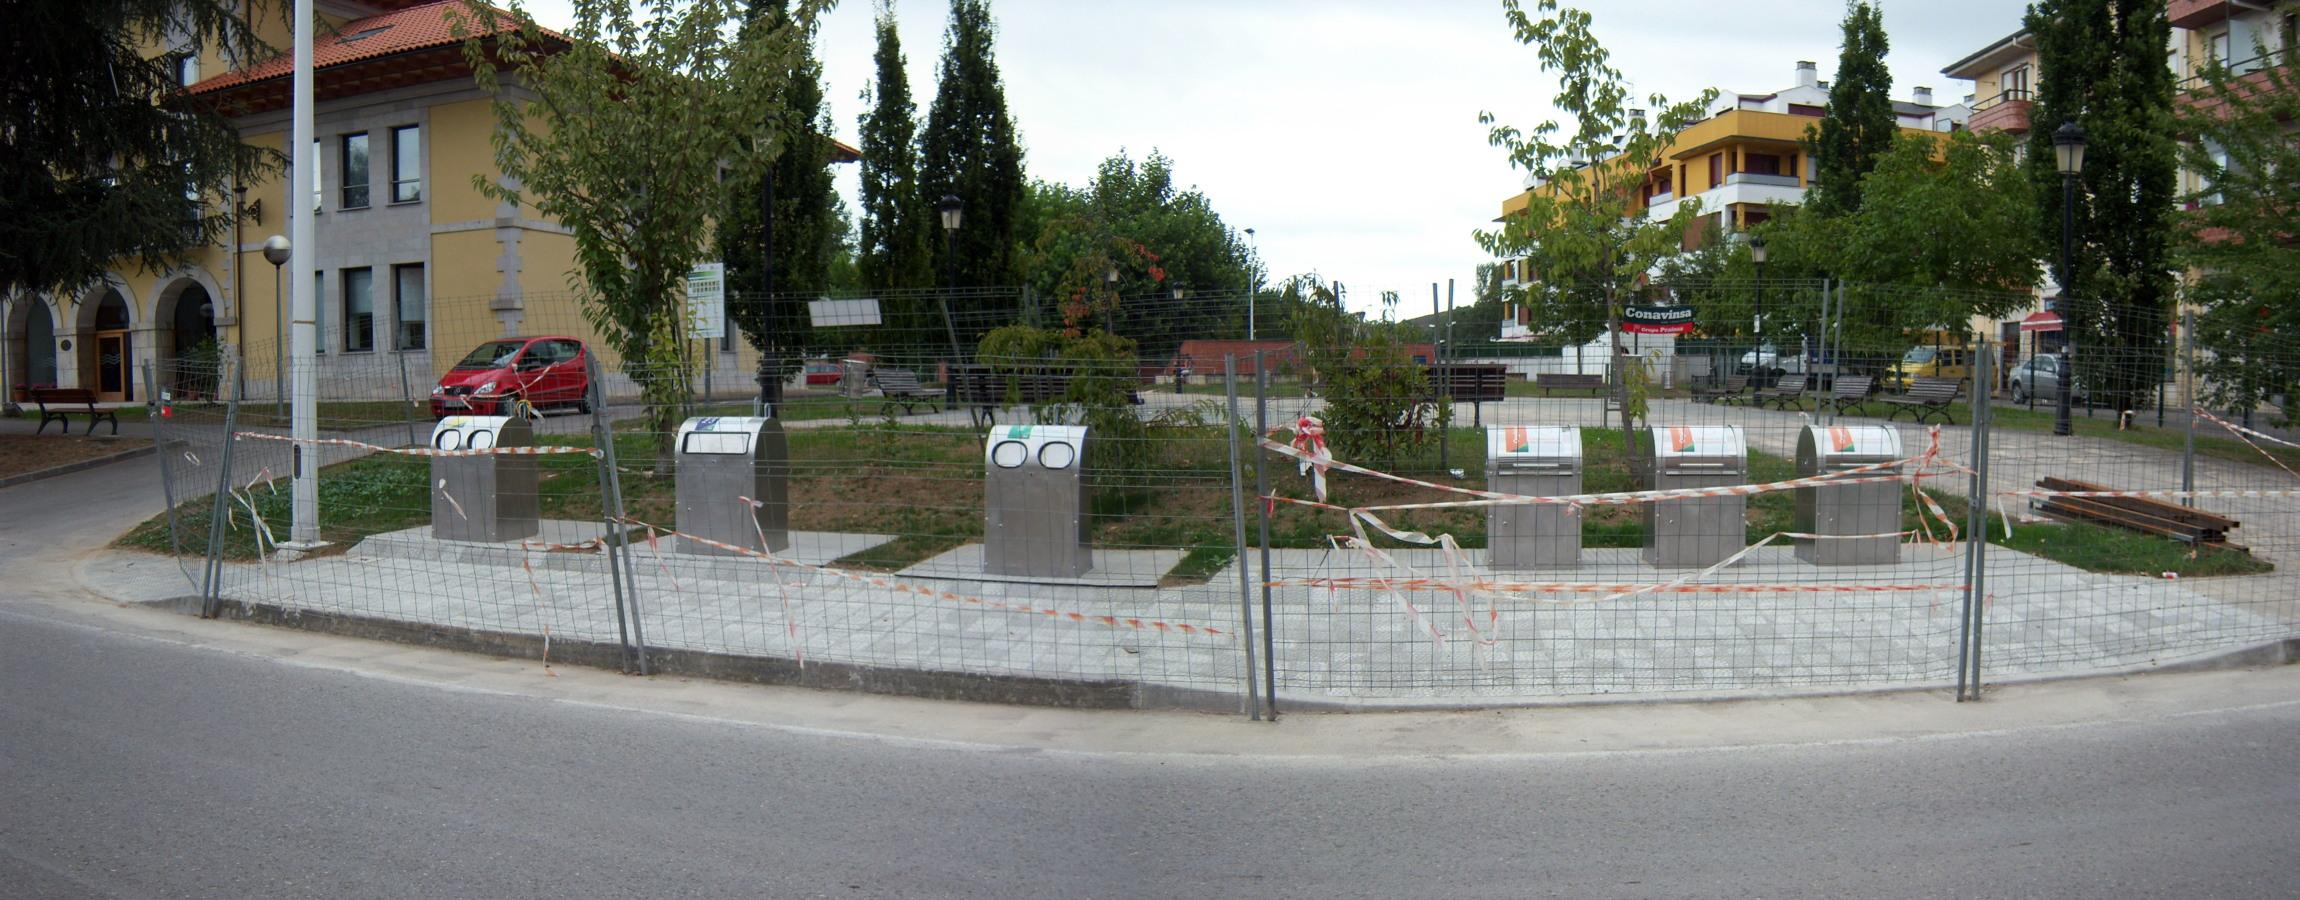 Soterramiento de contenedores en Entrambasaguas, Cantabria (2)